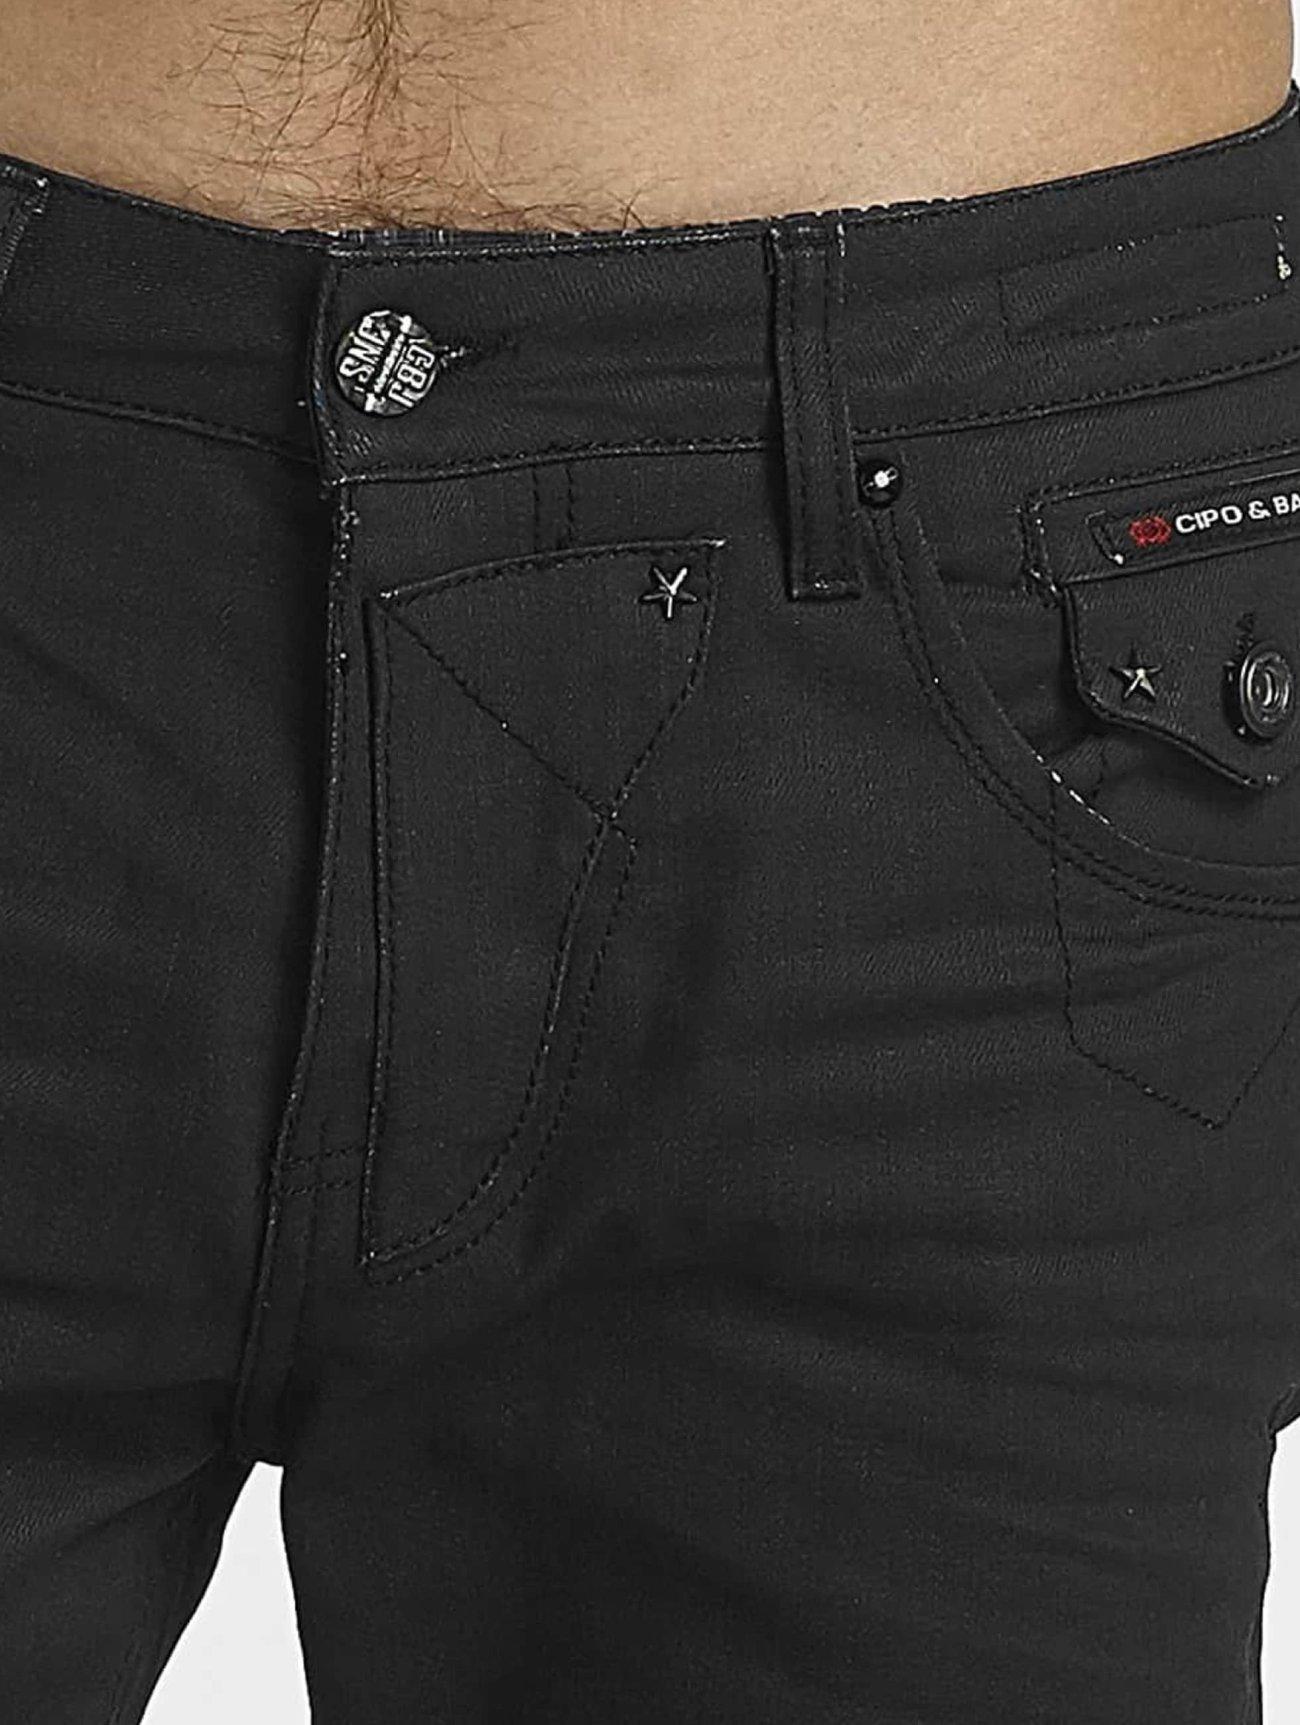 Cipo & Baxx  Pekka  noir Homme Jean coupe droite  459043 Homme Jeans